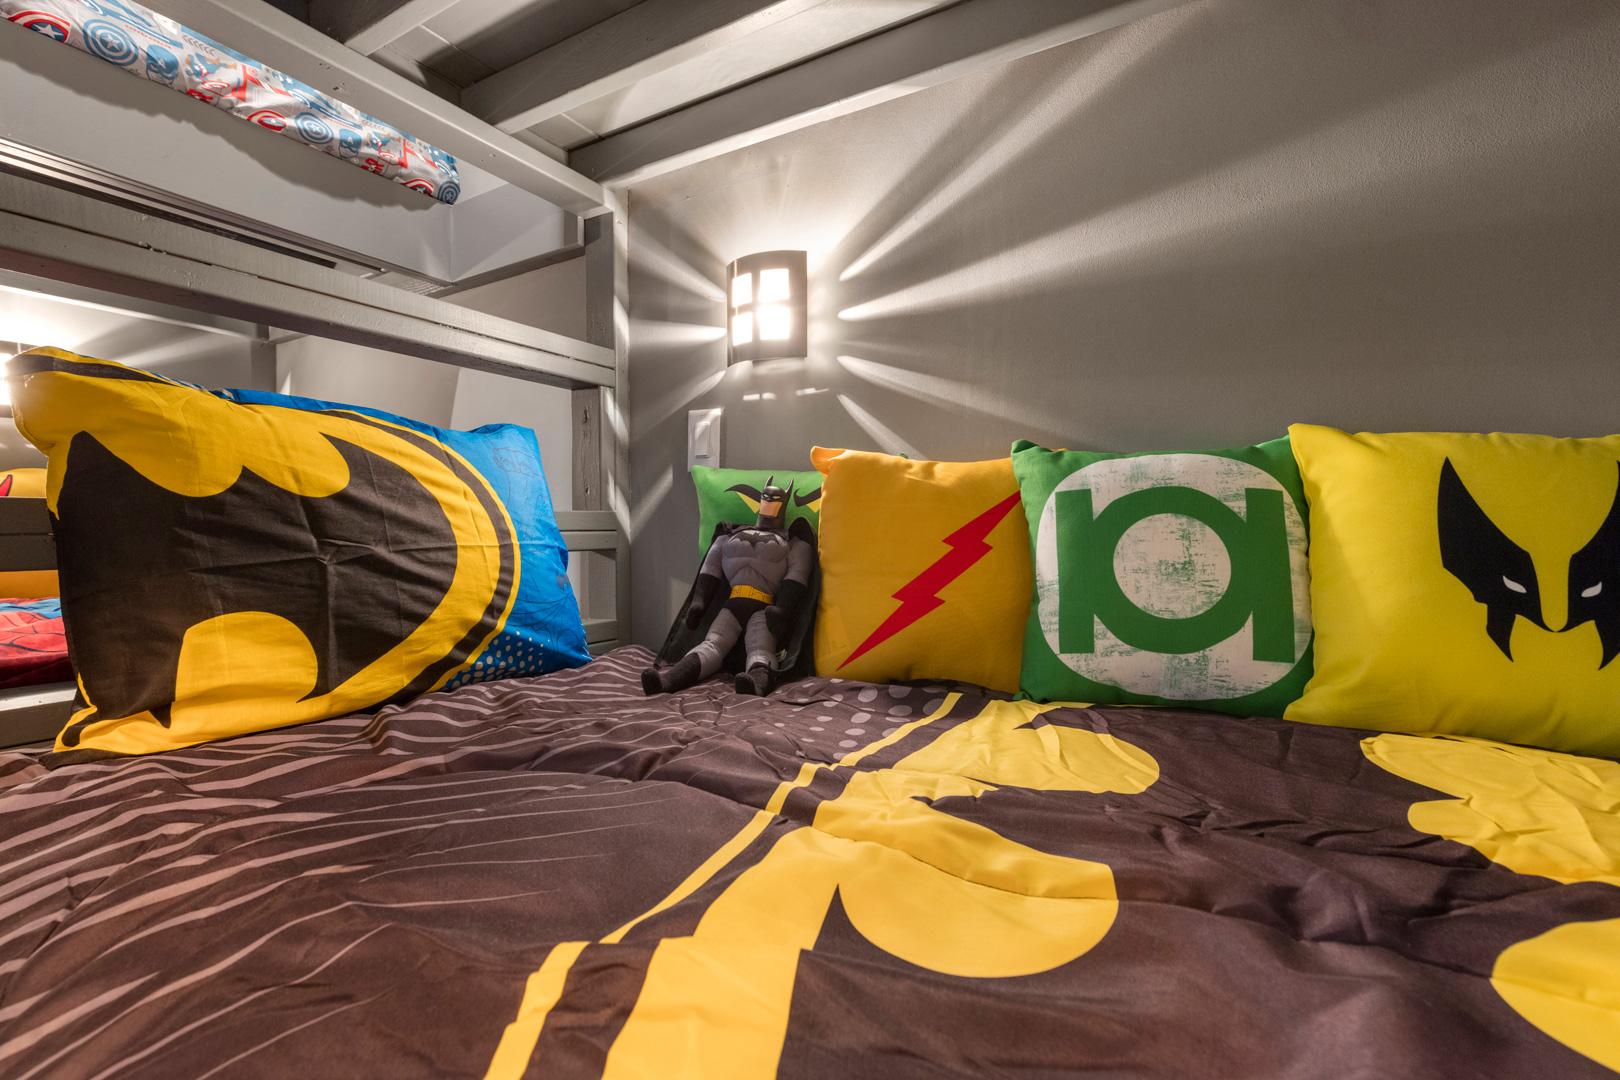 Bedrooms21